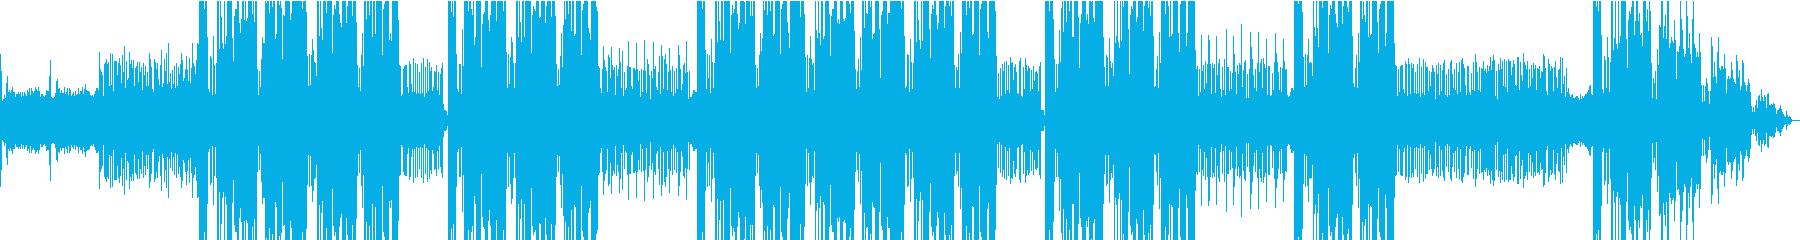 唸る808ベース重低音、NY Drillの再生済みの波形